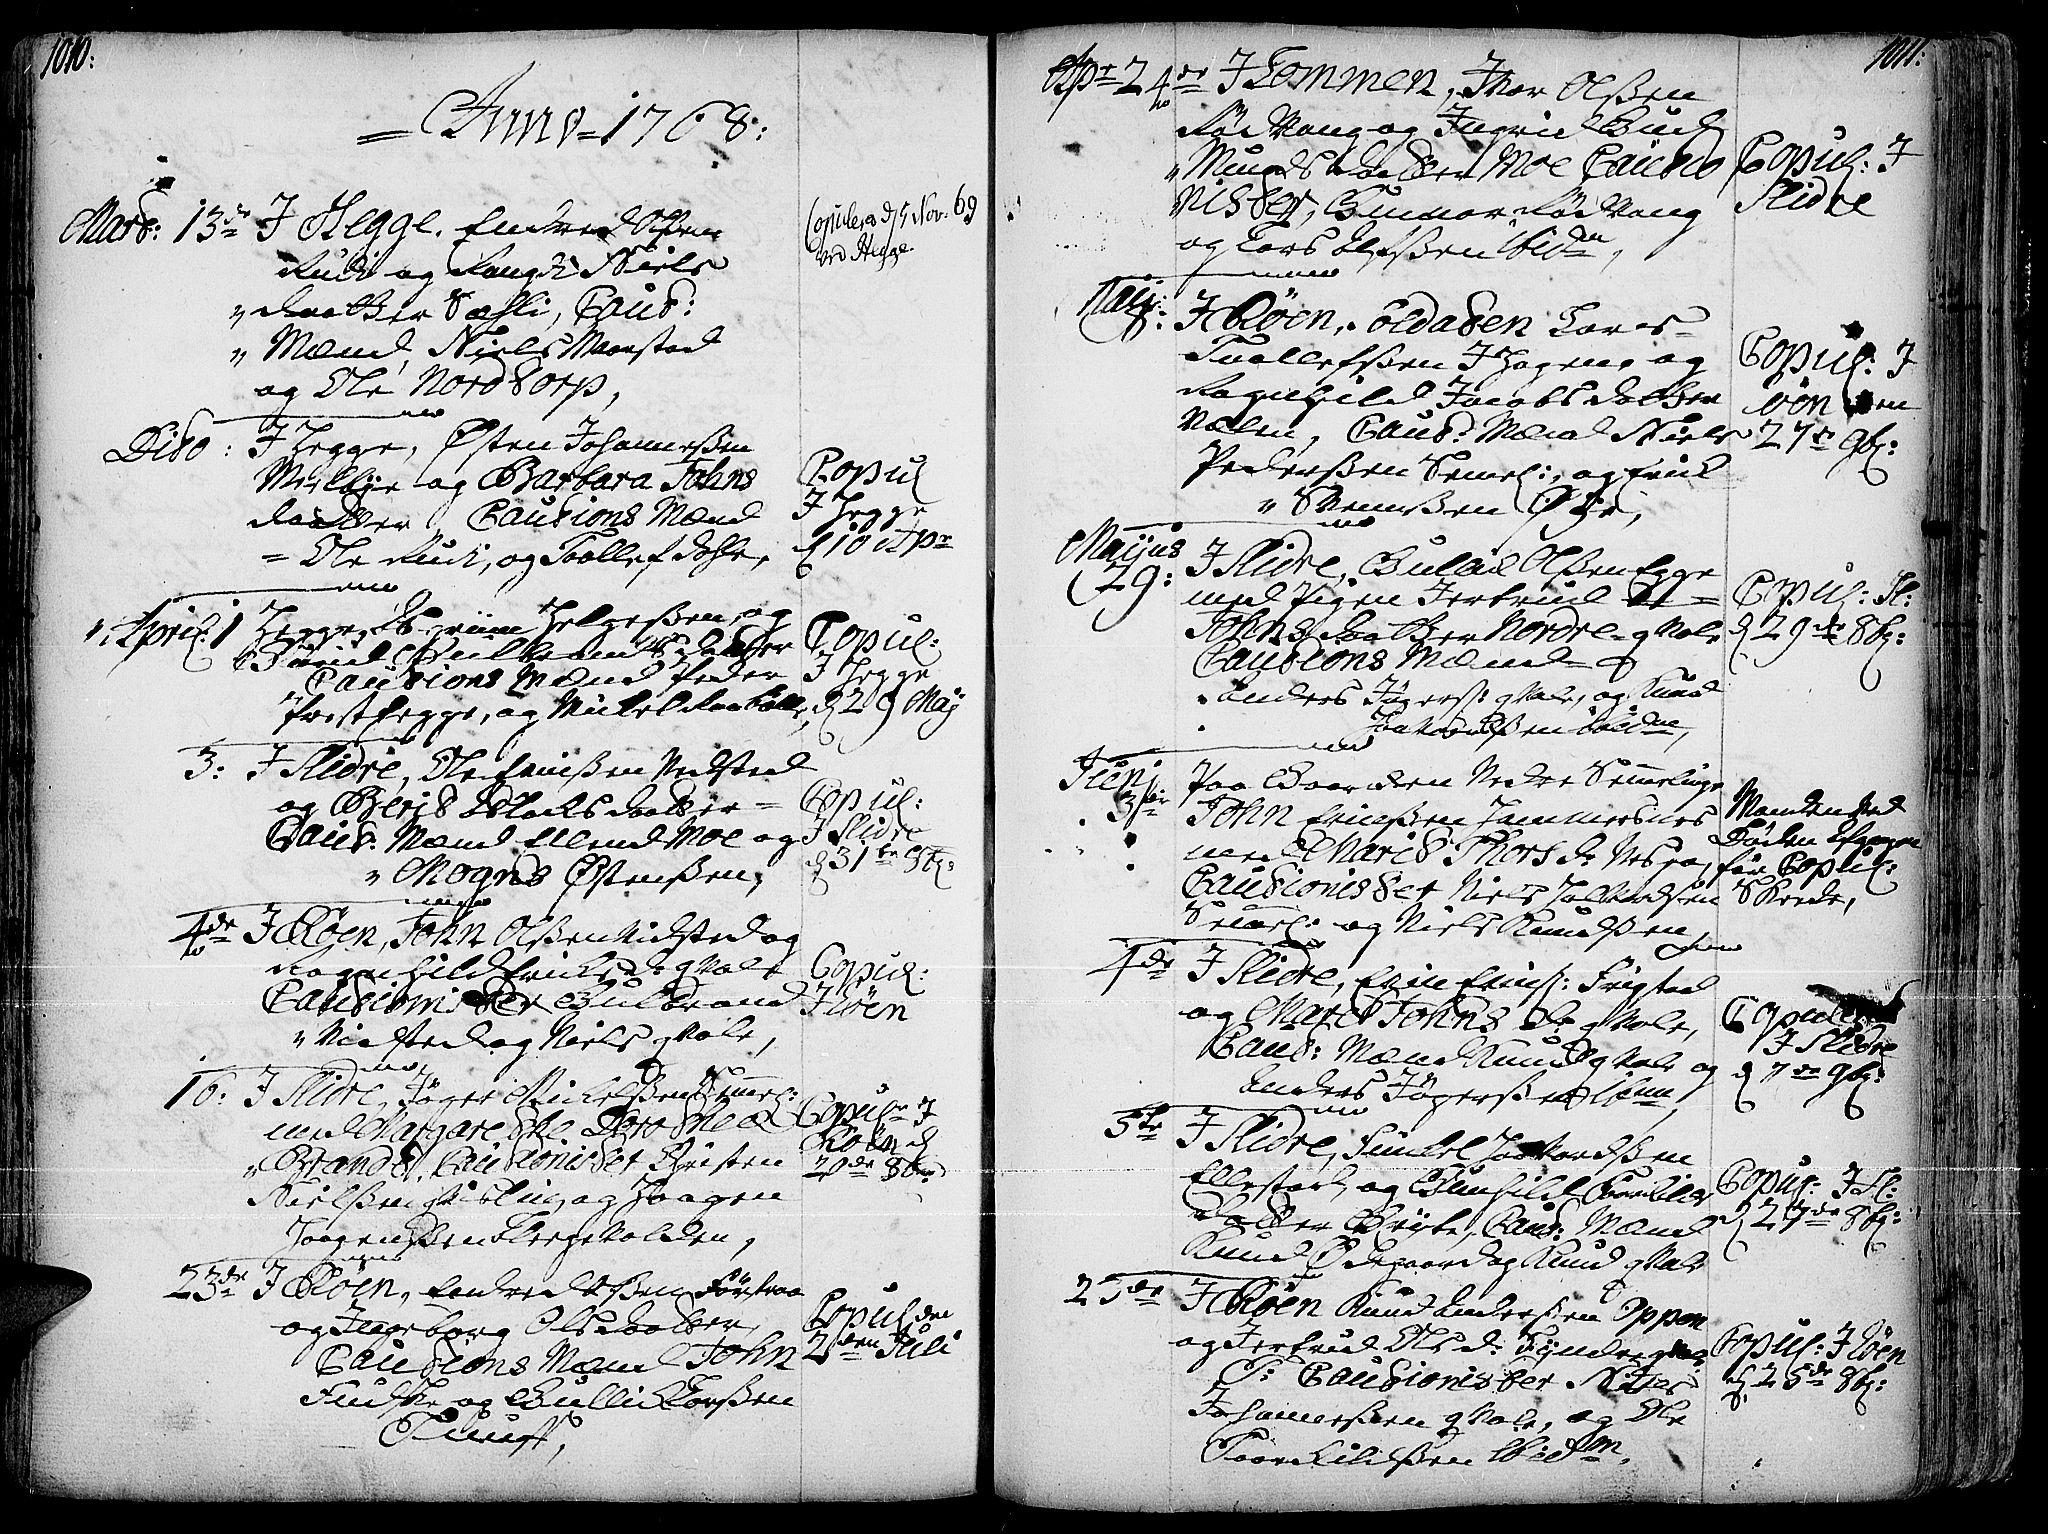 SAH, Slidre prestekontor, Ministerialbok nr. 1, 1724-1814, s. 1010-1011